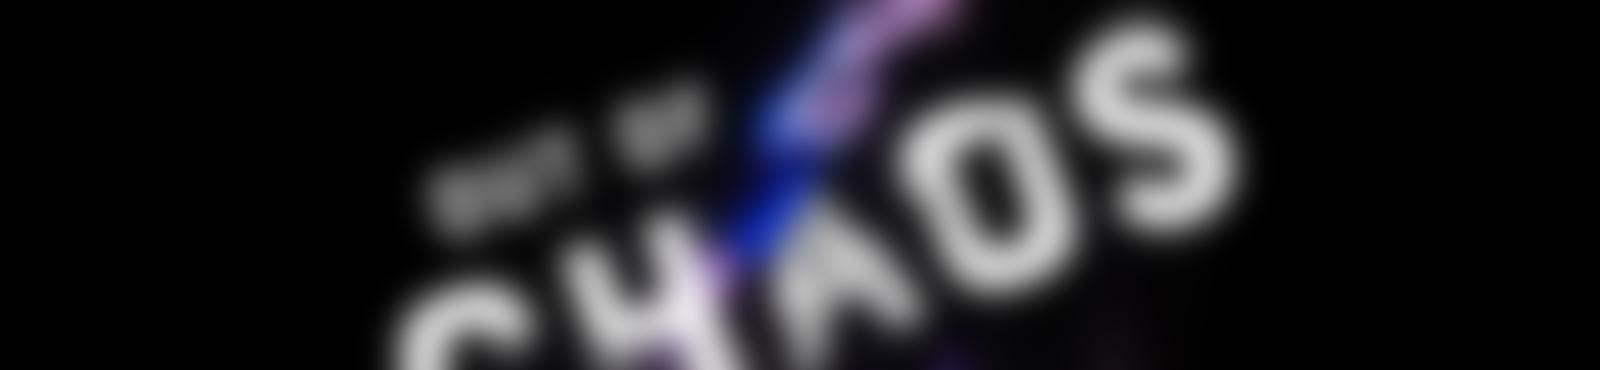 Blurred 55d7950d 1758 476b 9d24 c5d28883168b